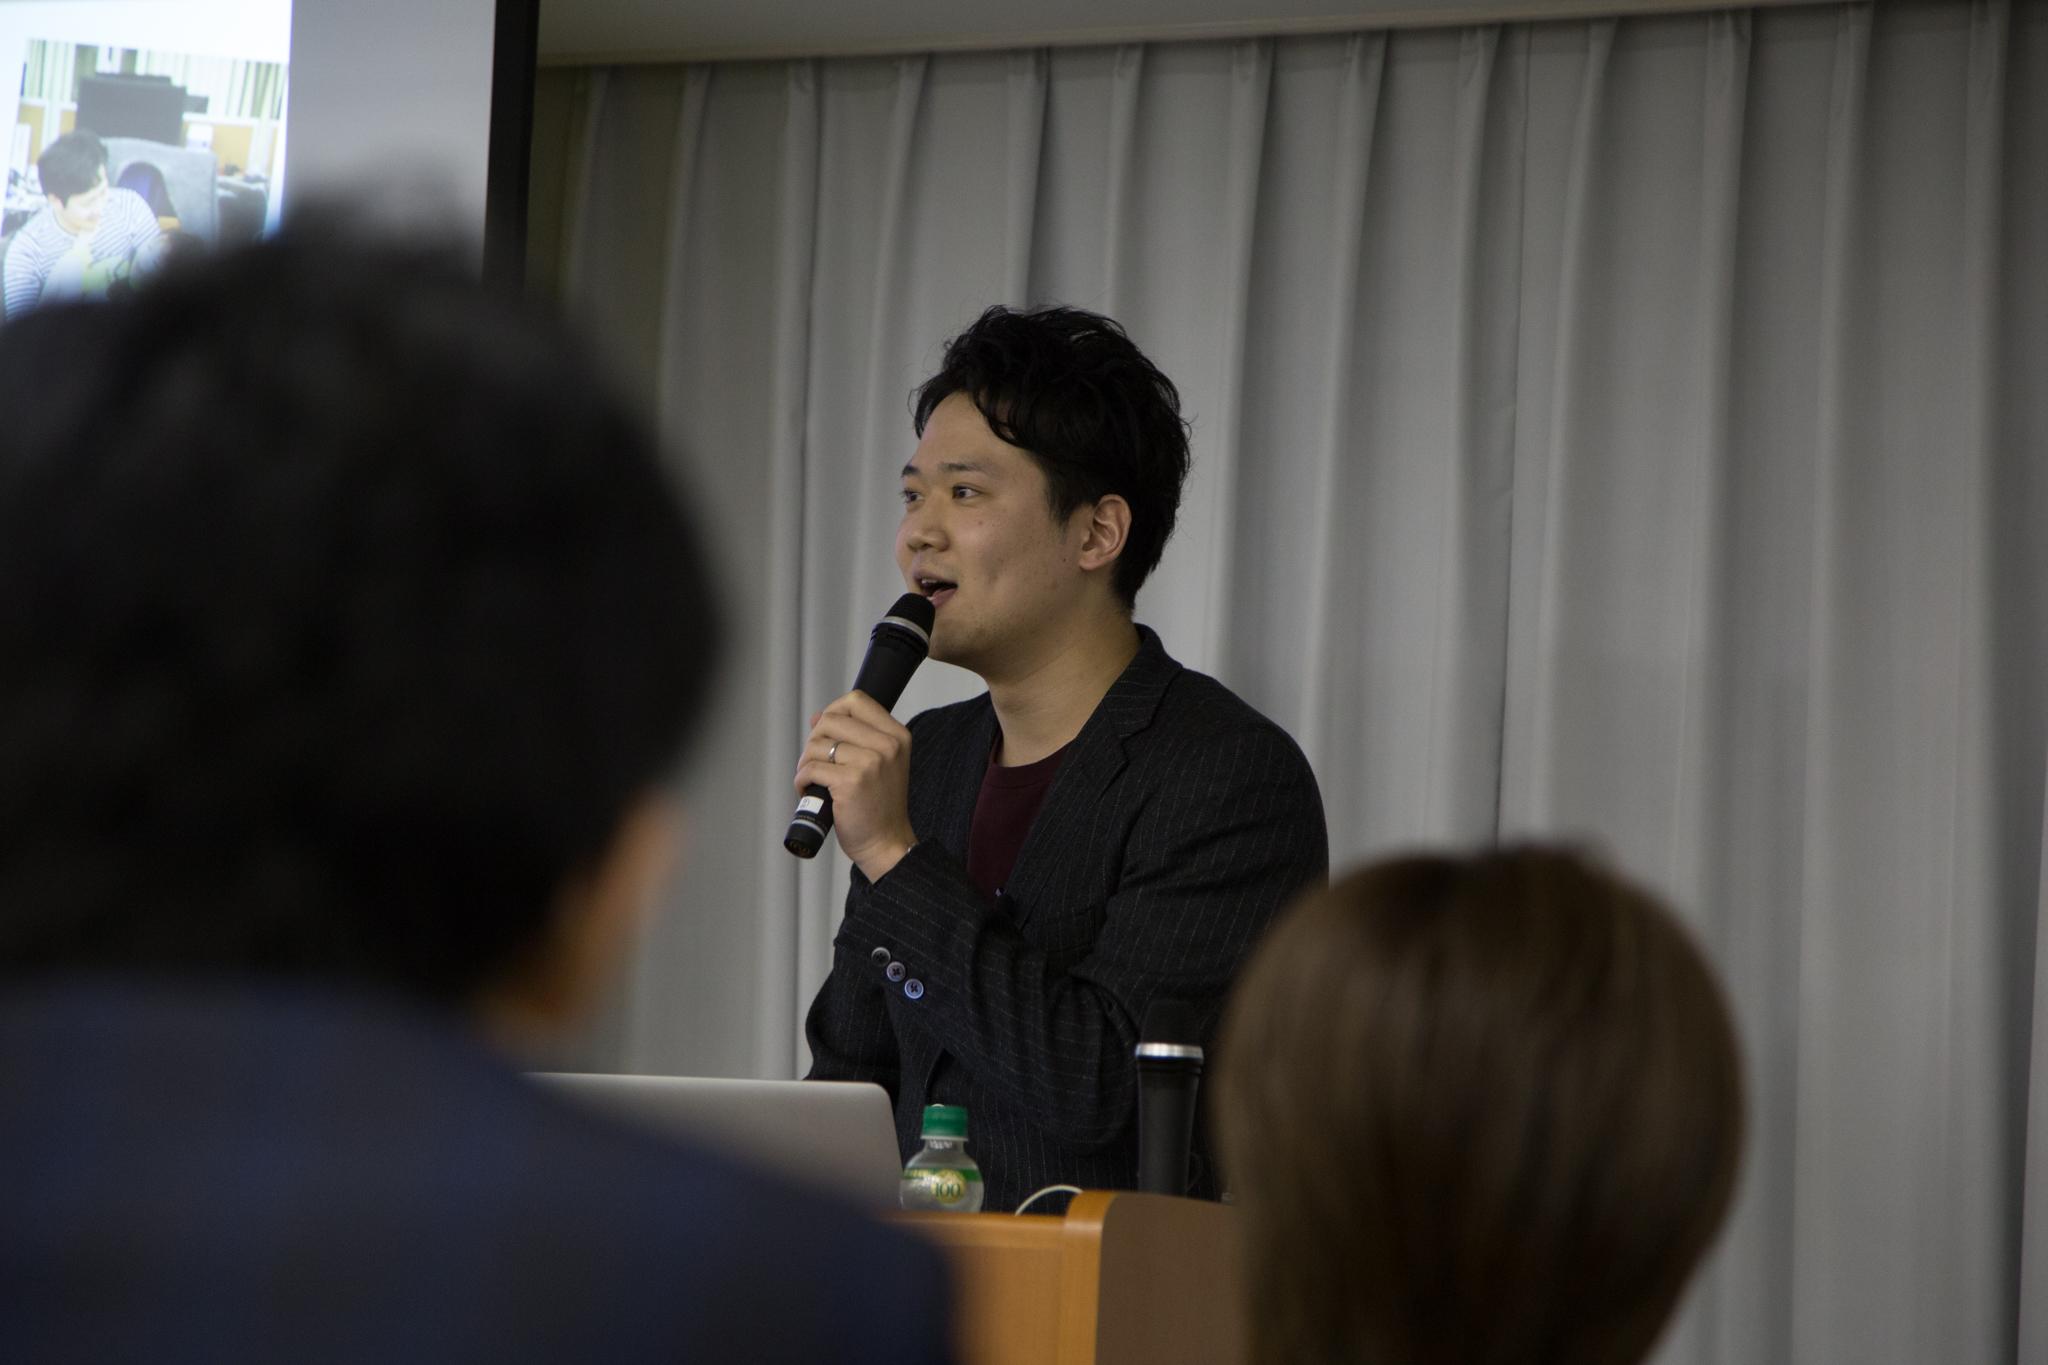 どんなビジネス相談にも加藤芳郎が動画で答えてくれます。(質問募集中 ...